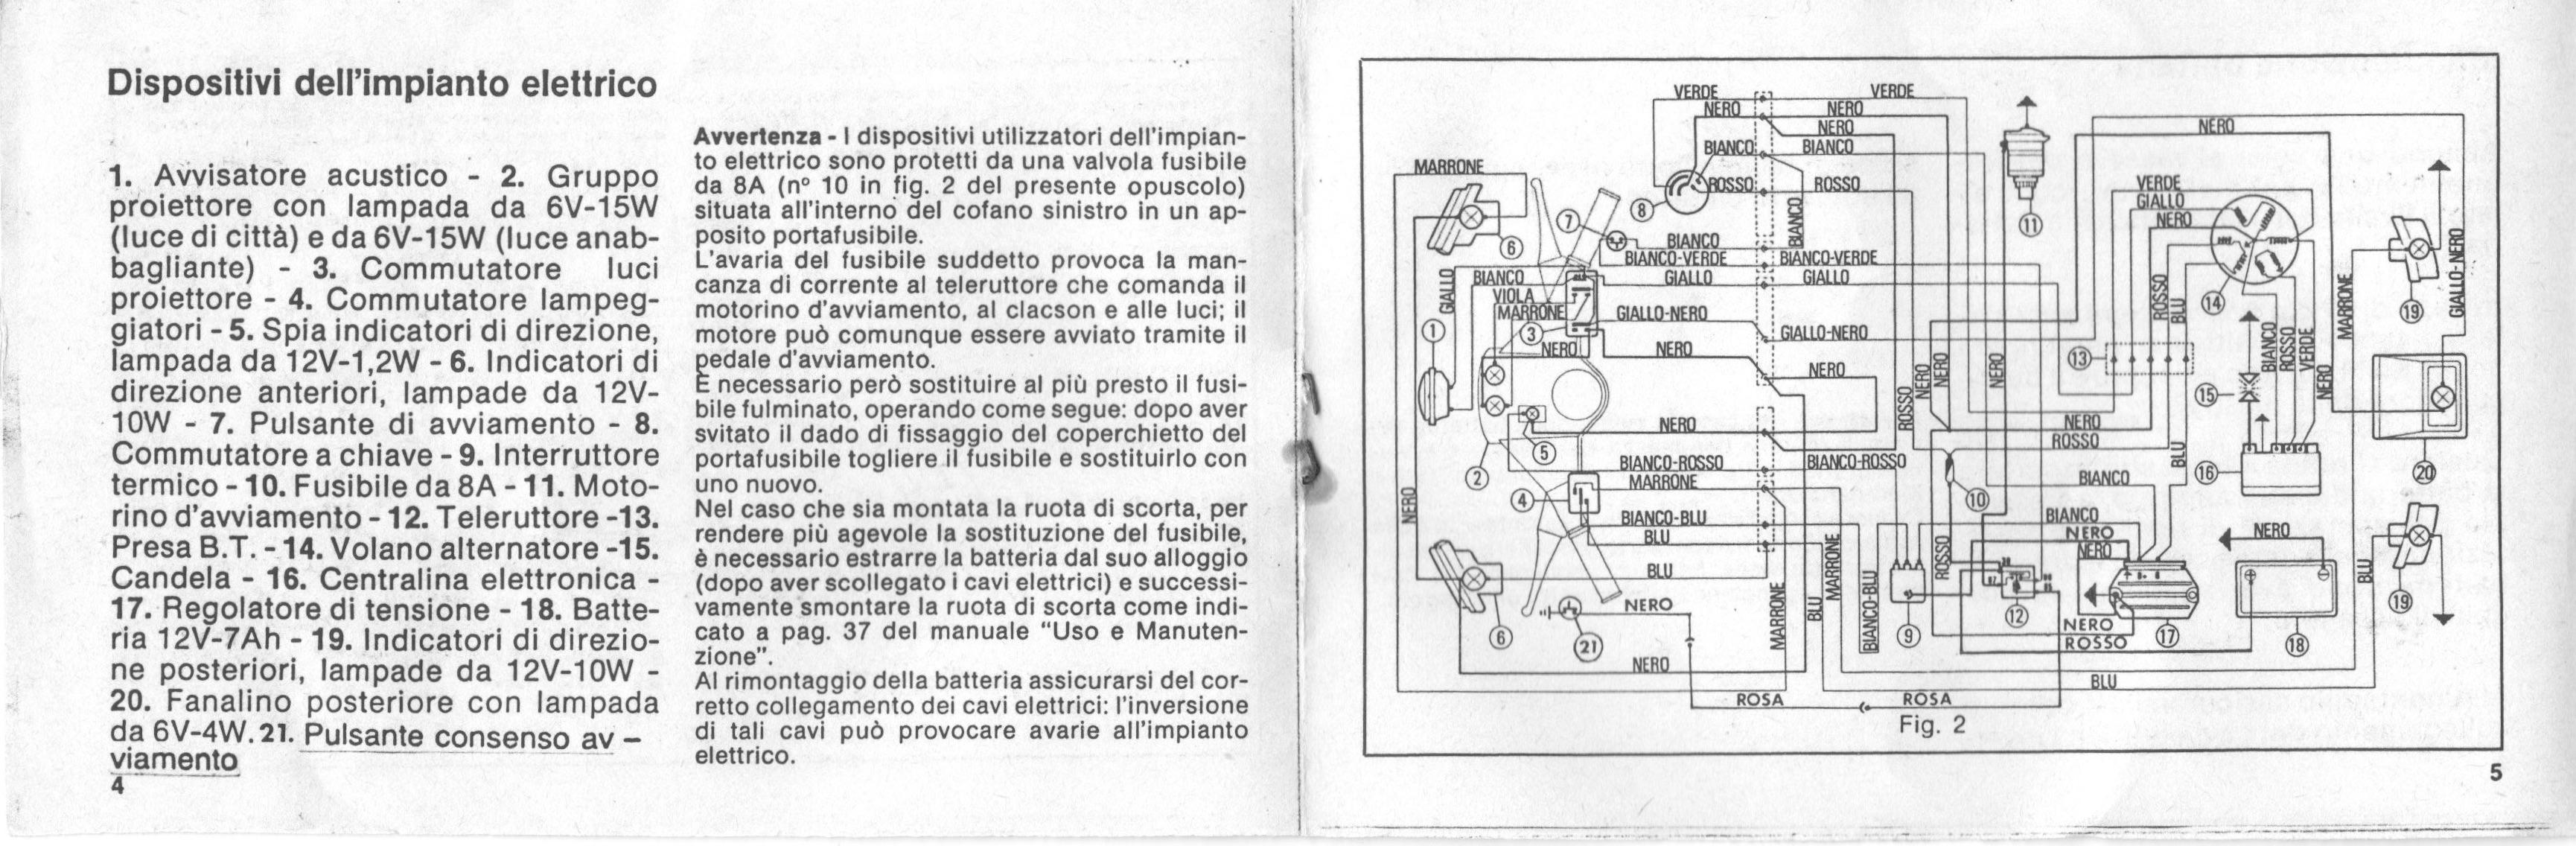 Schema Elettrico Et3 : Info impianto elettrico pk s pagina officina smallframe